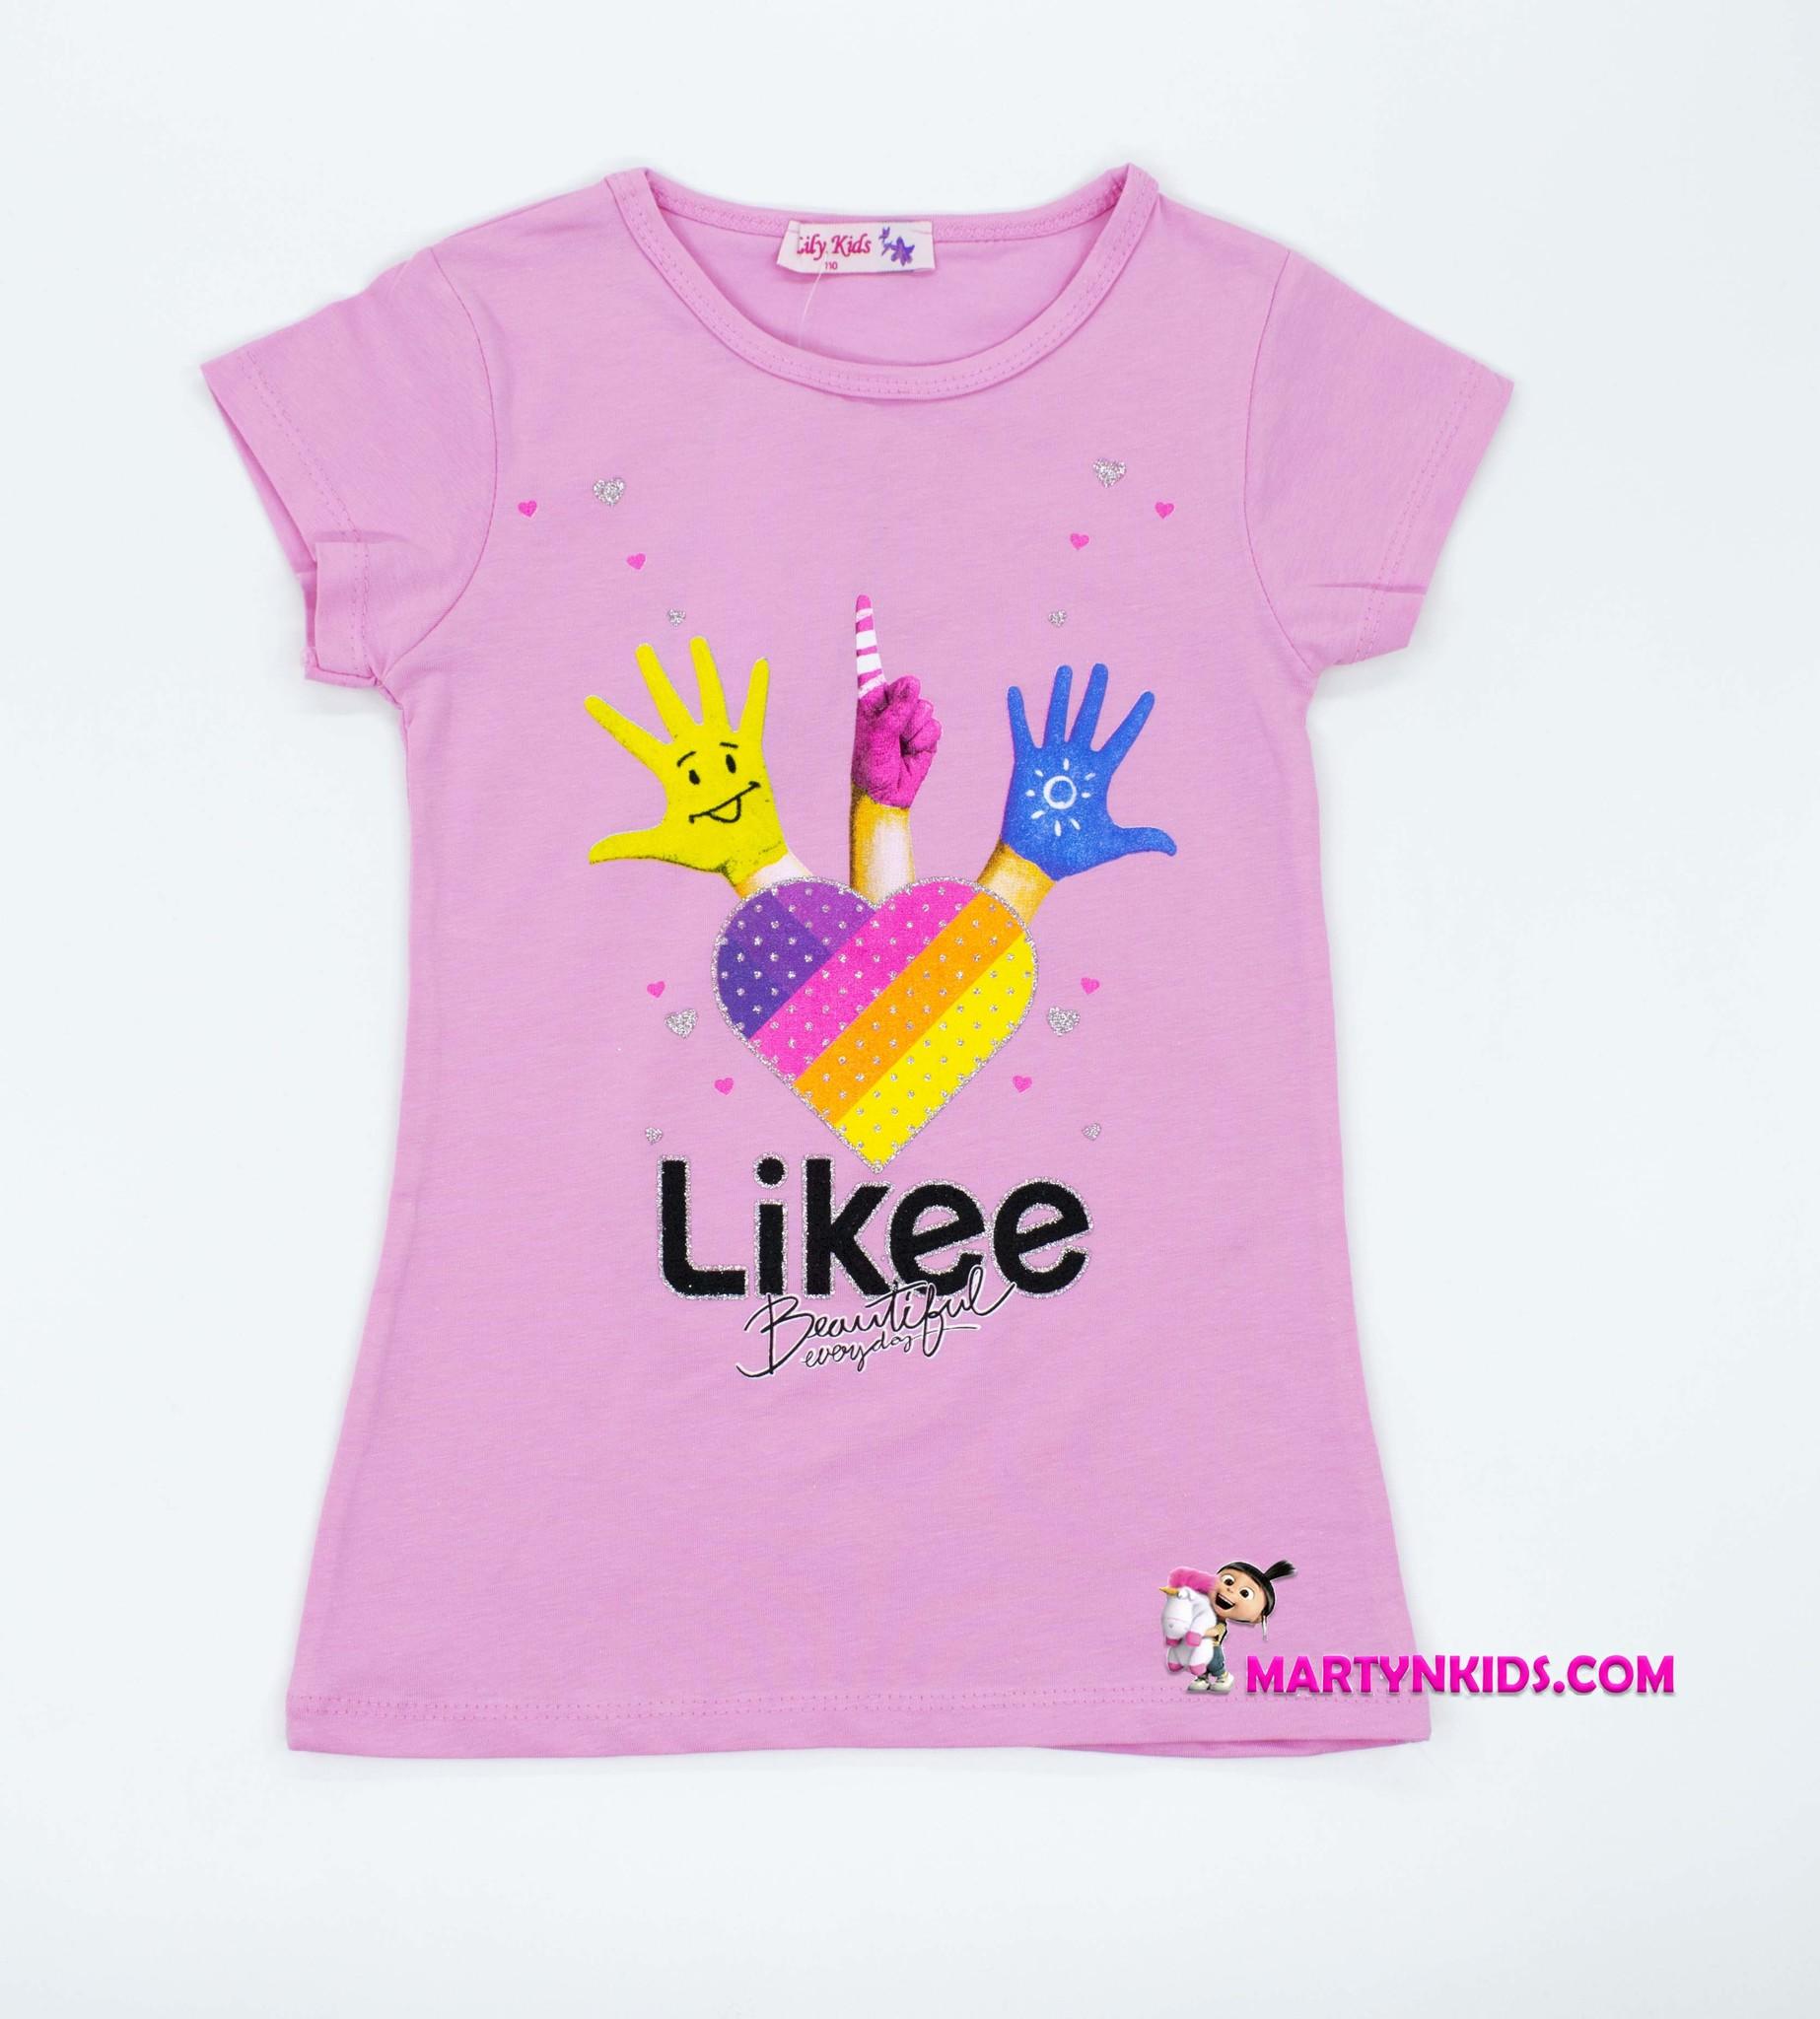 2736  футболка Likee ручки